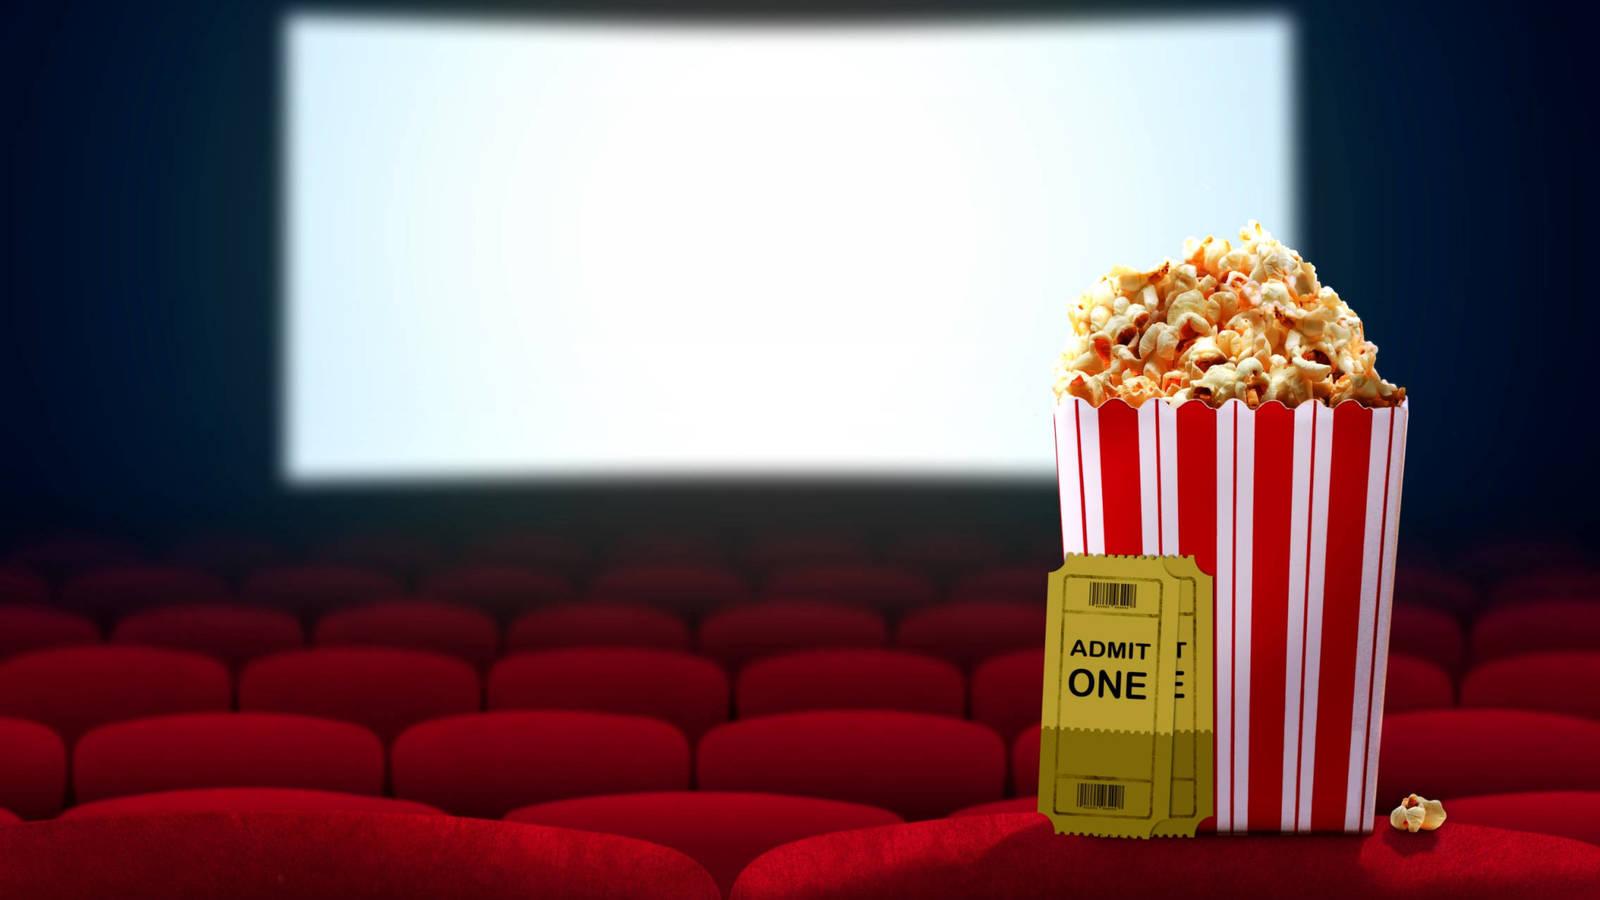 Vayamos al cine: cinco estrenos que llegan a la pantalla grande en febrero - Radio Cantilo